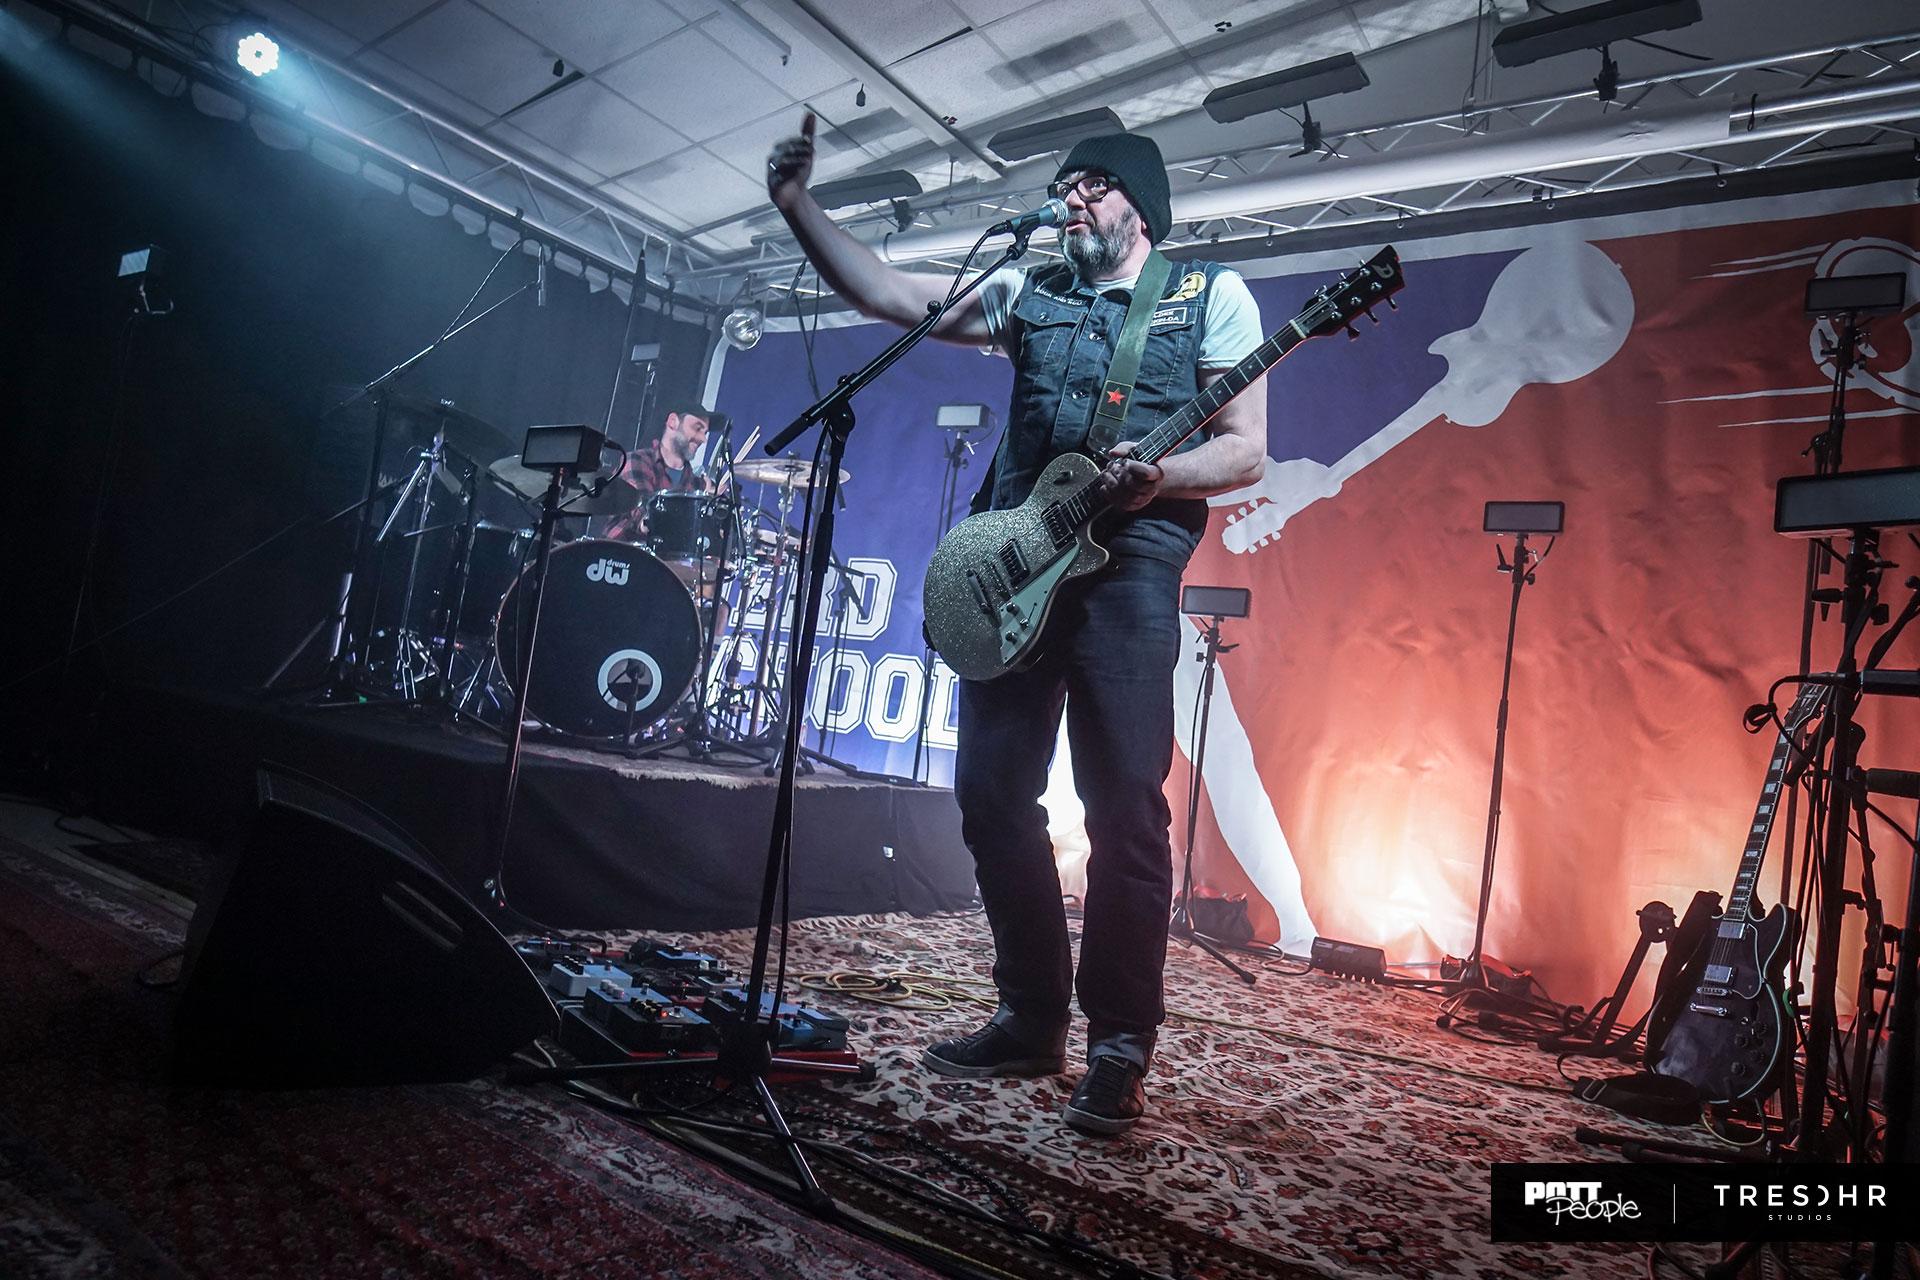 TRESOHR SESSIONS – NERD SCHOOL Album Release Show